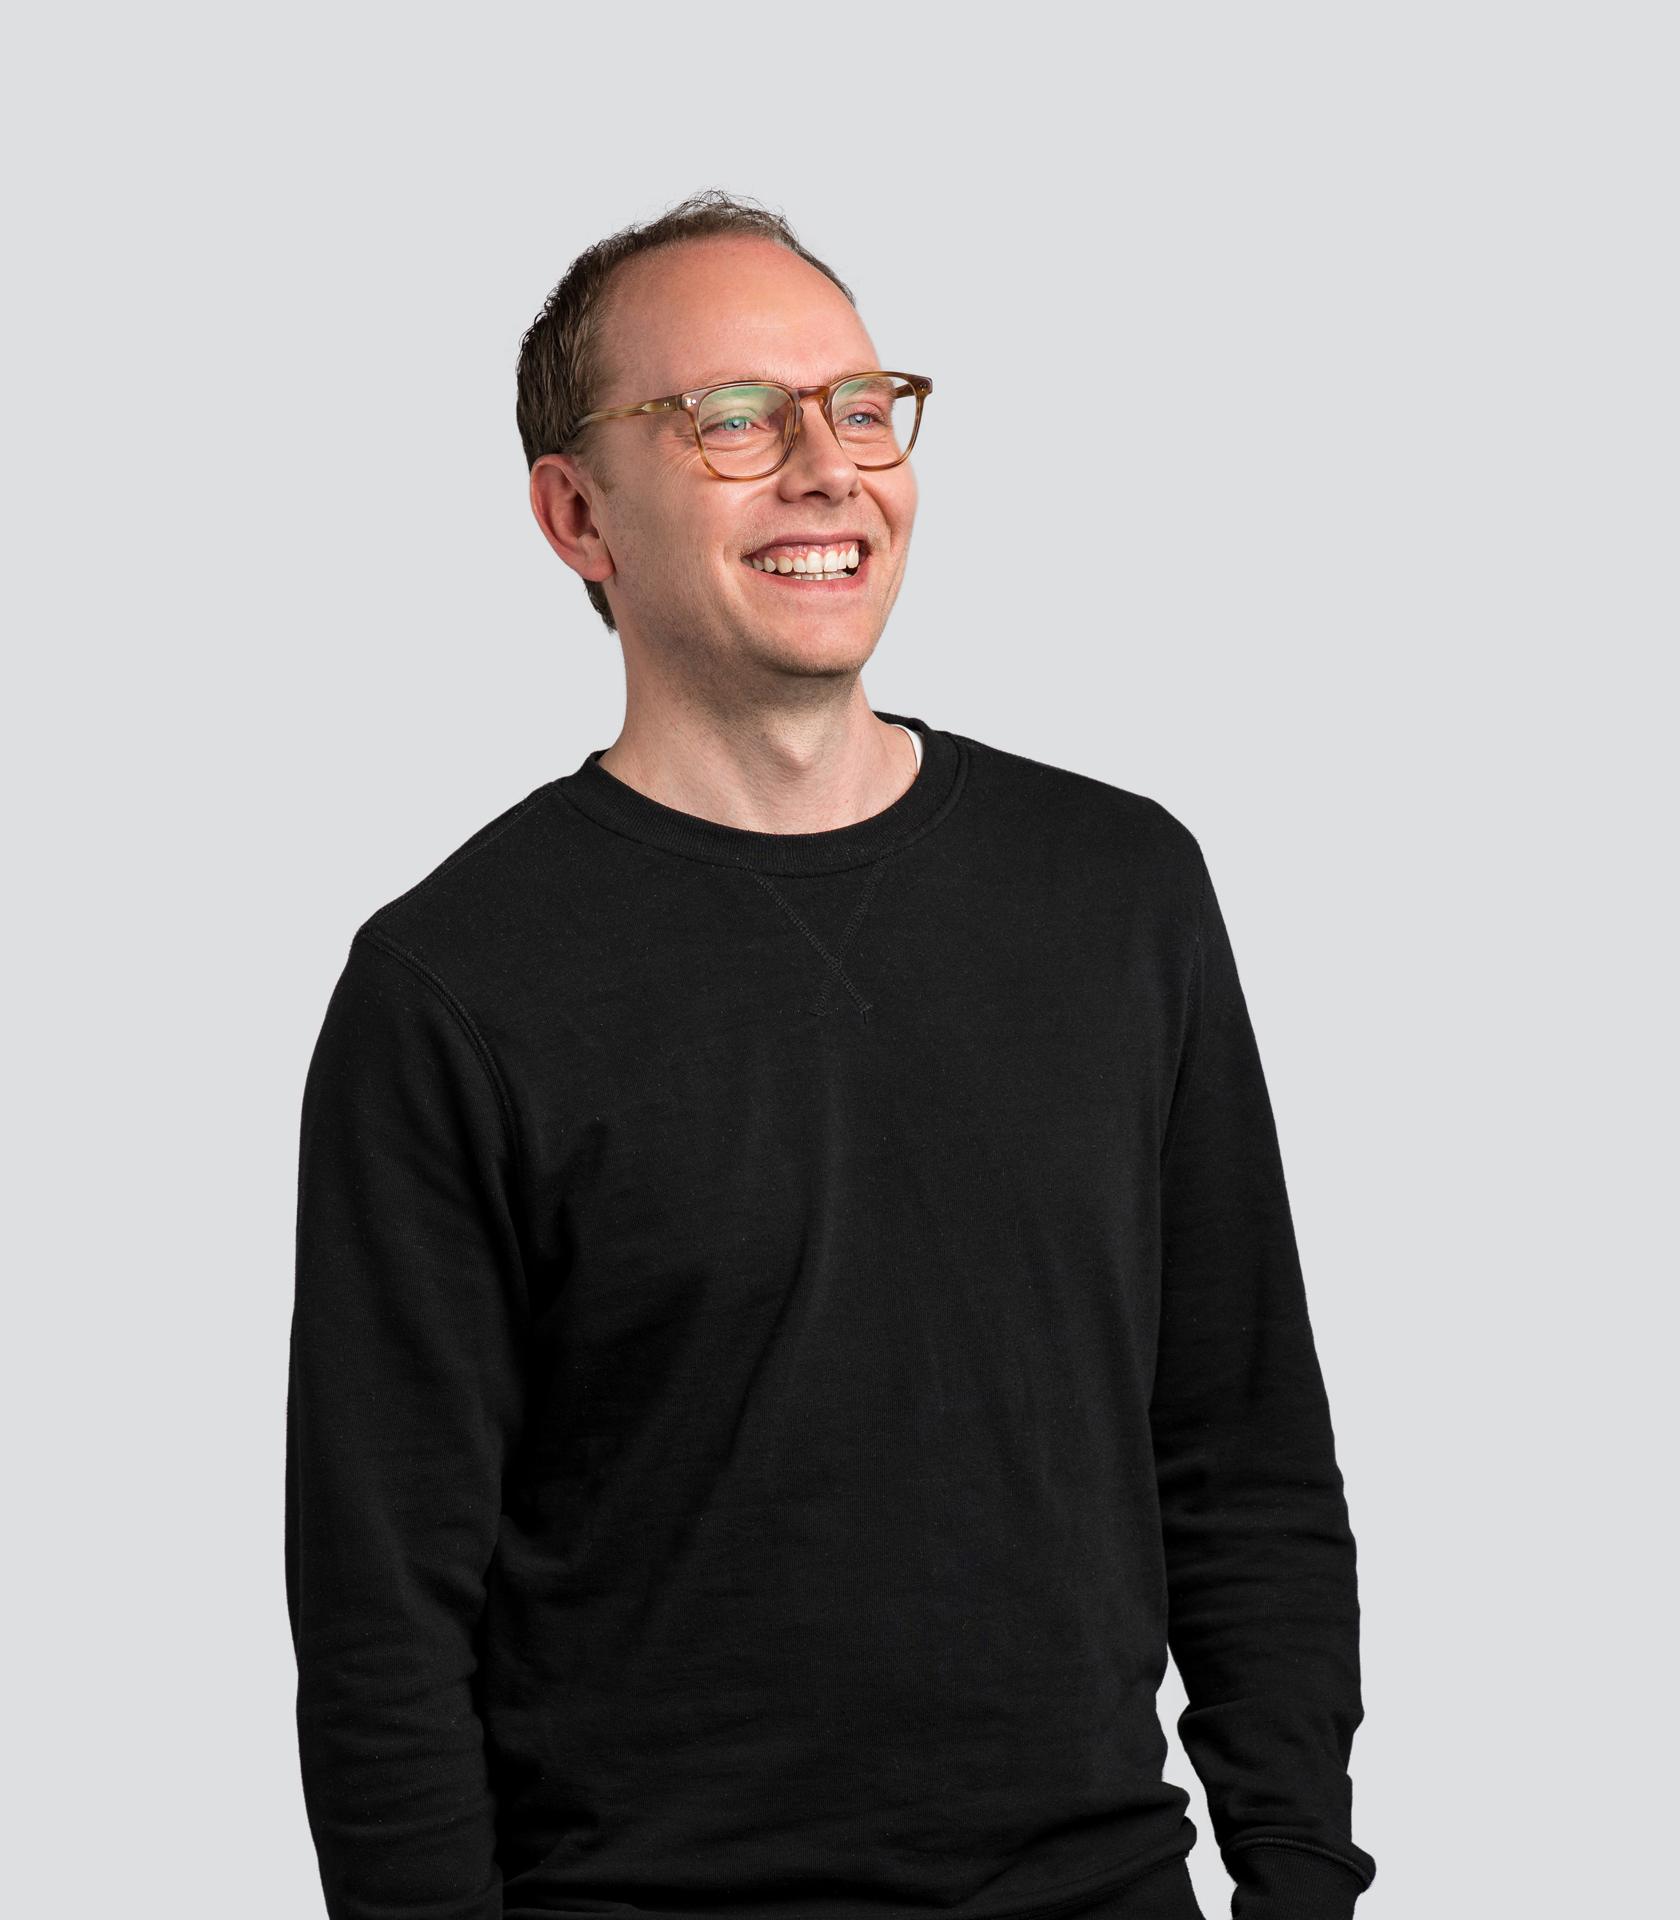 Sander Verwaaijen